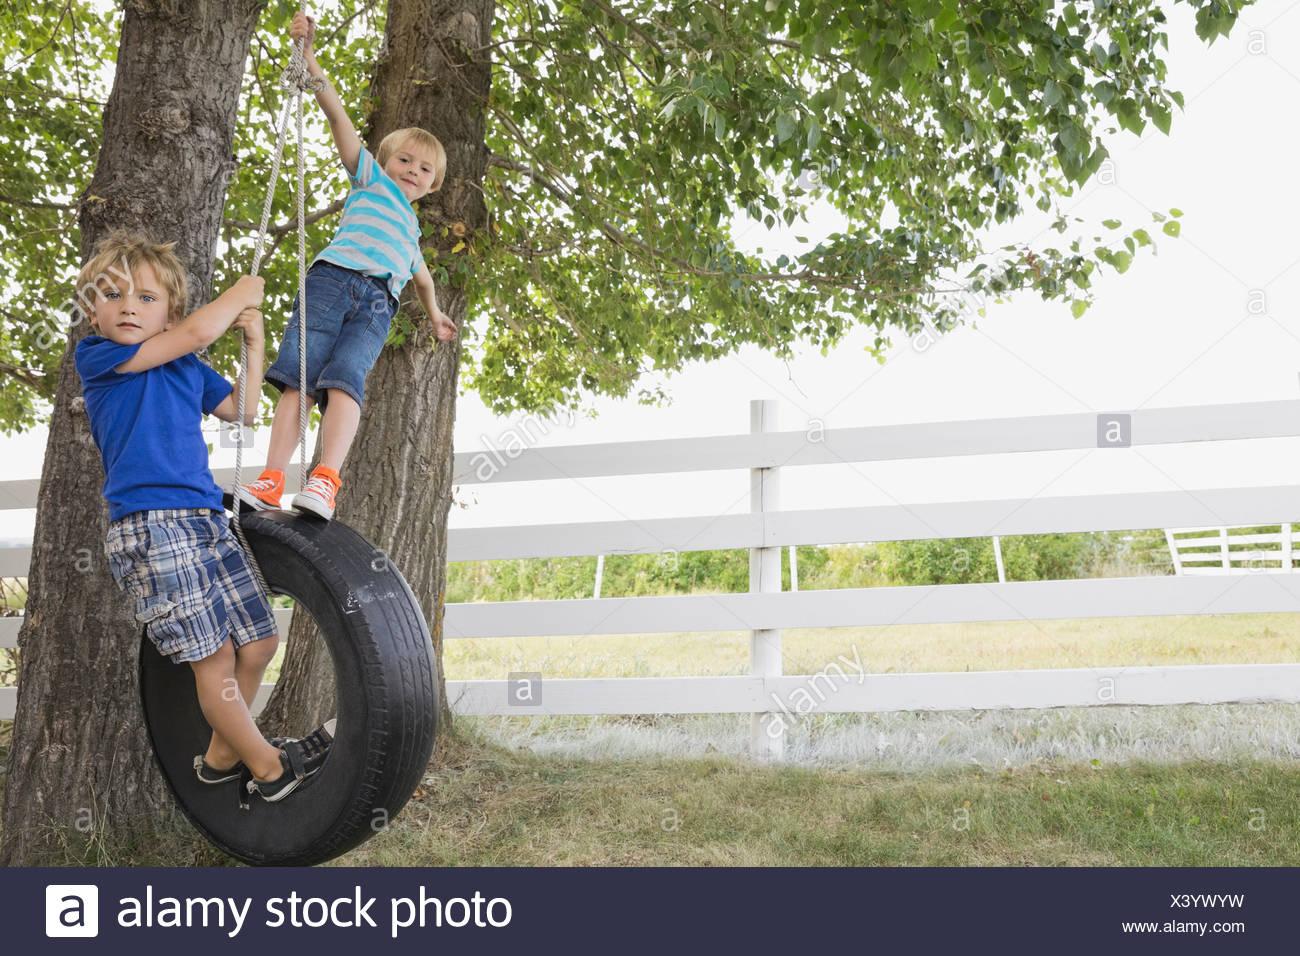 Los niños juguetones en permanente oscilación de neumáticos Imagen De Stock